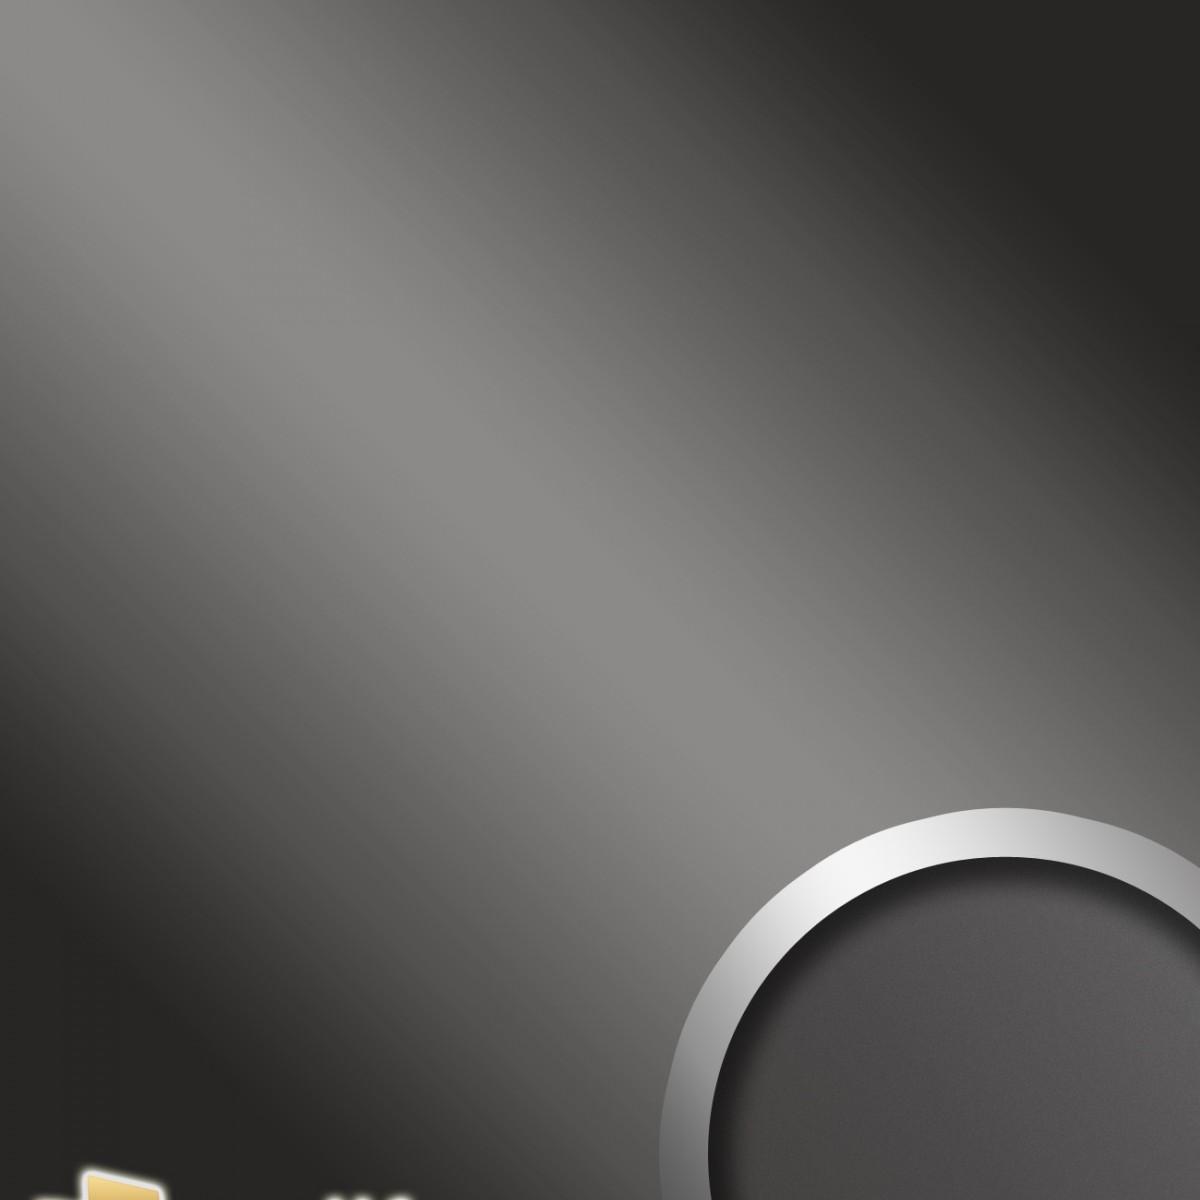 Panou decorativ DECO 13810, WallFace, autocolant